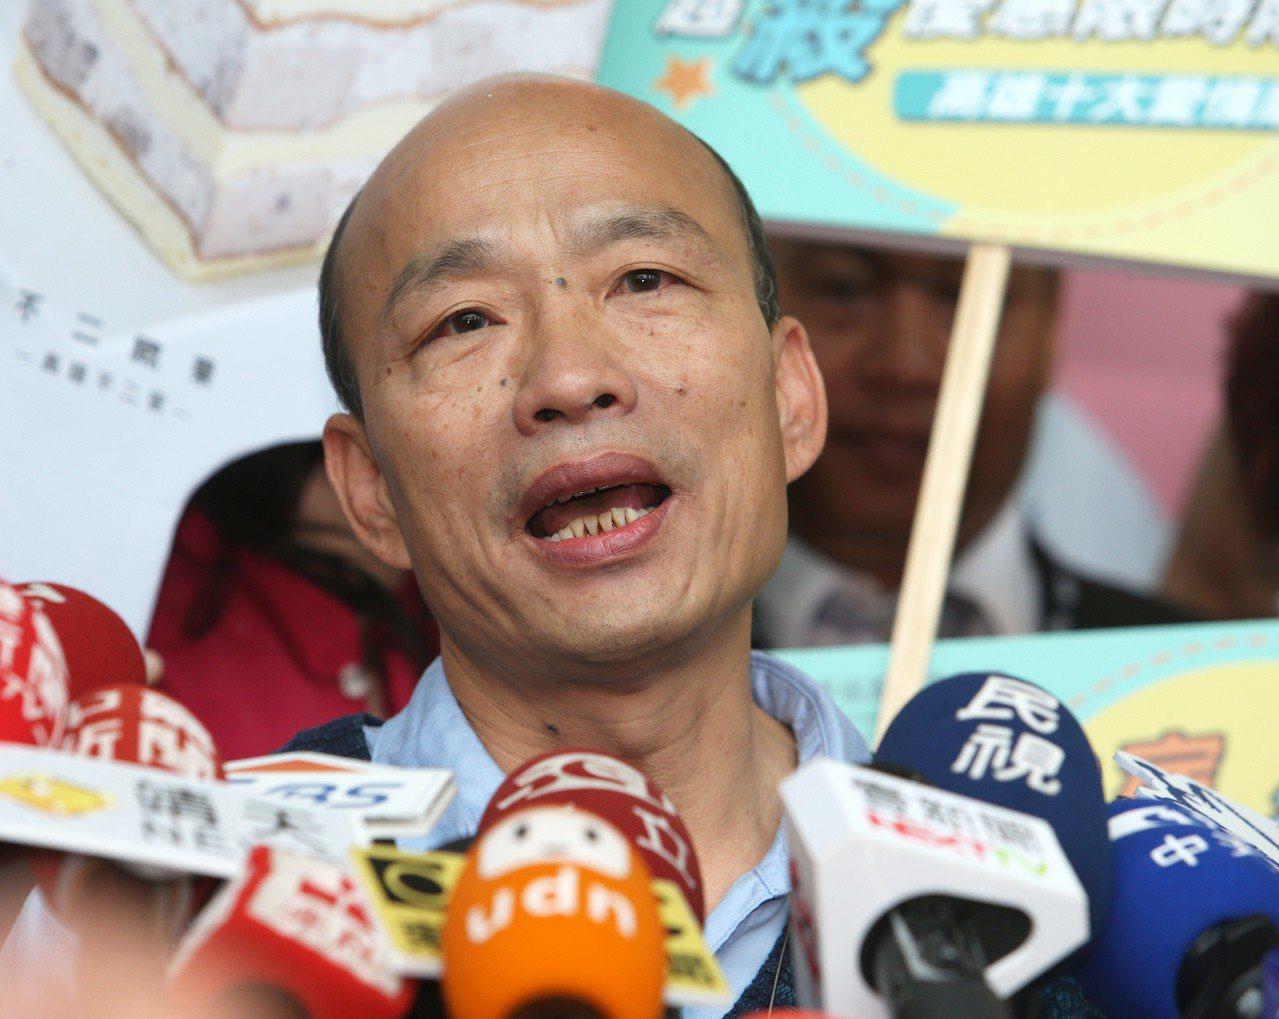 高雄市長韓國瑜今天參加市民集團結婚時透露,高雄財政困難,初估明年會有65億元的缺...